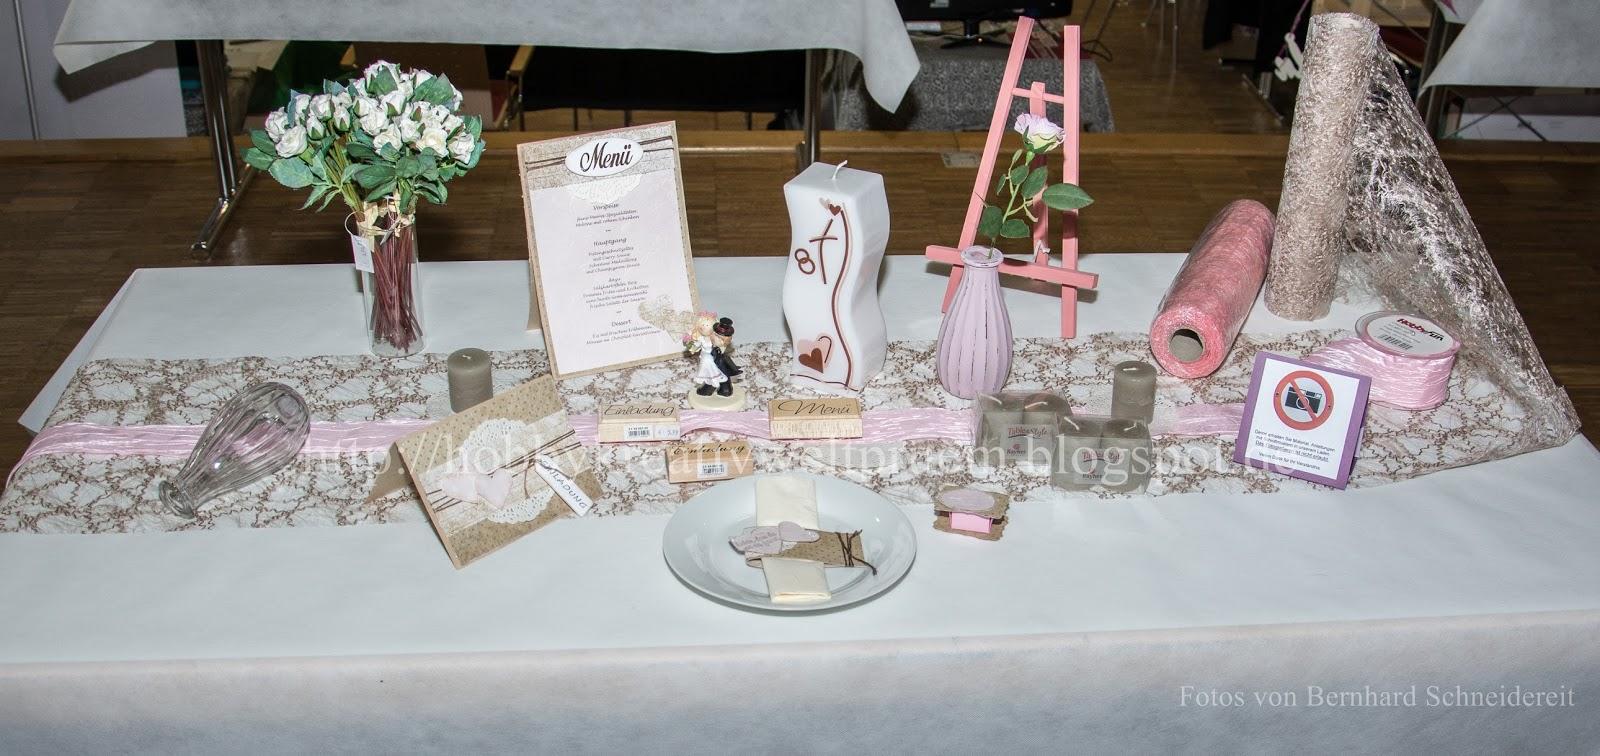 Hobby Kreativ Welt Tischdekoration Hochzeit